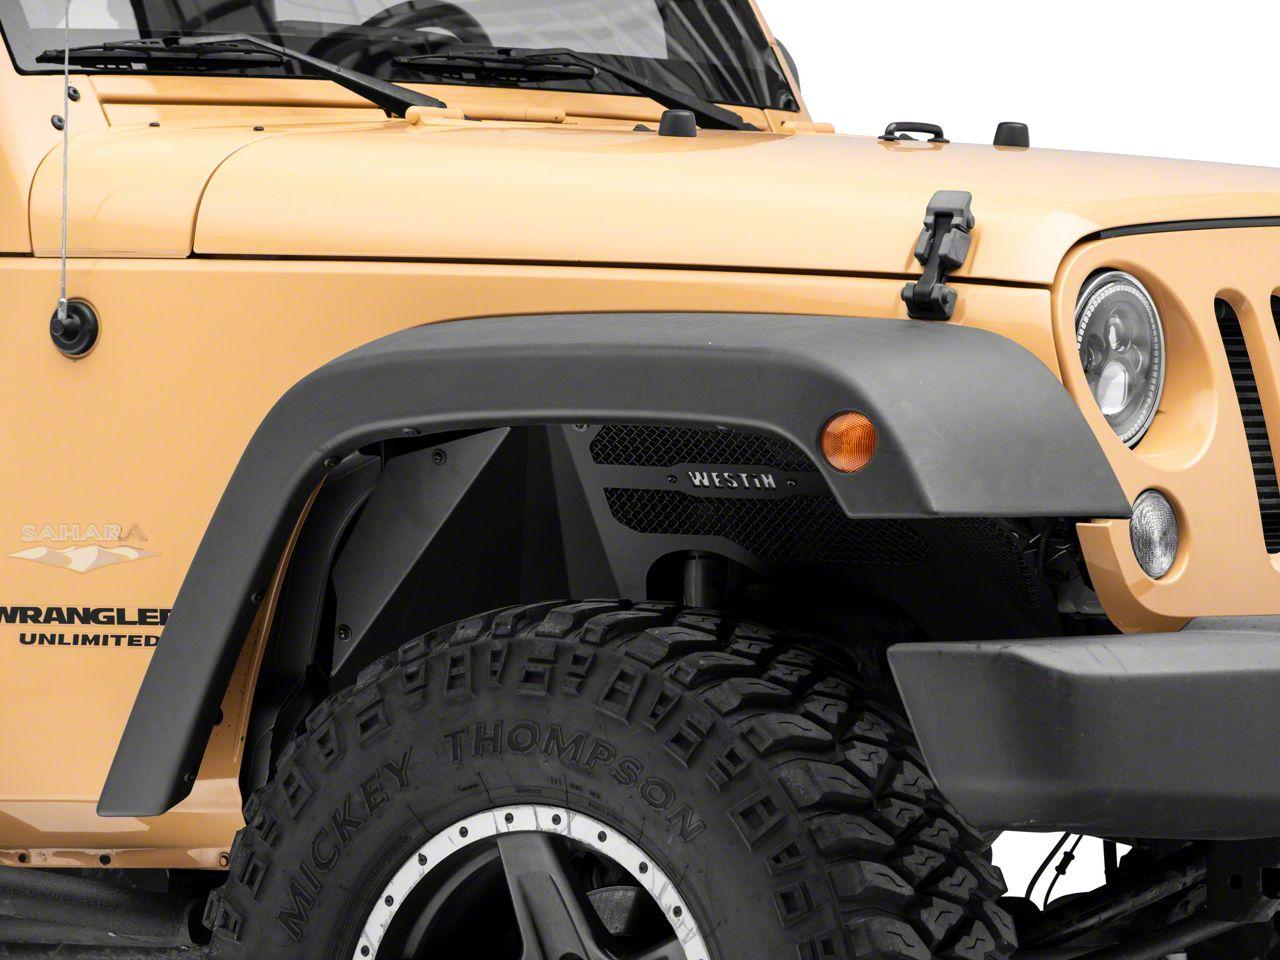 Westin Inner Fenders - Textured Black (07-18 Jeep Wrangler JK)